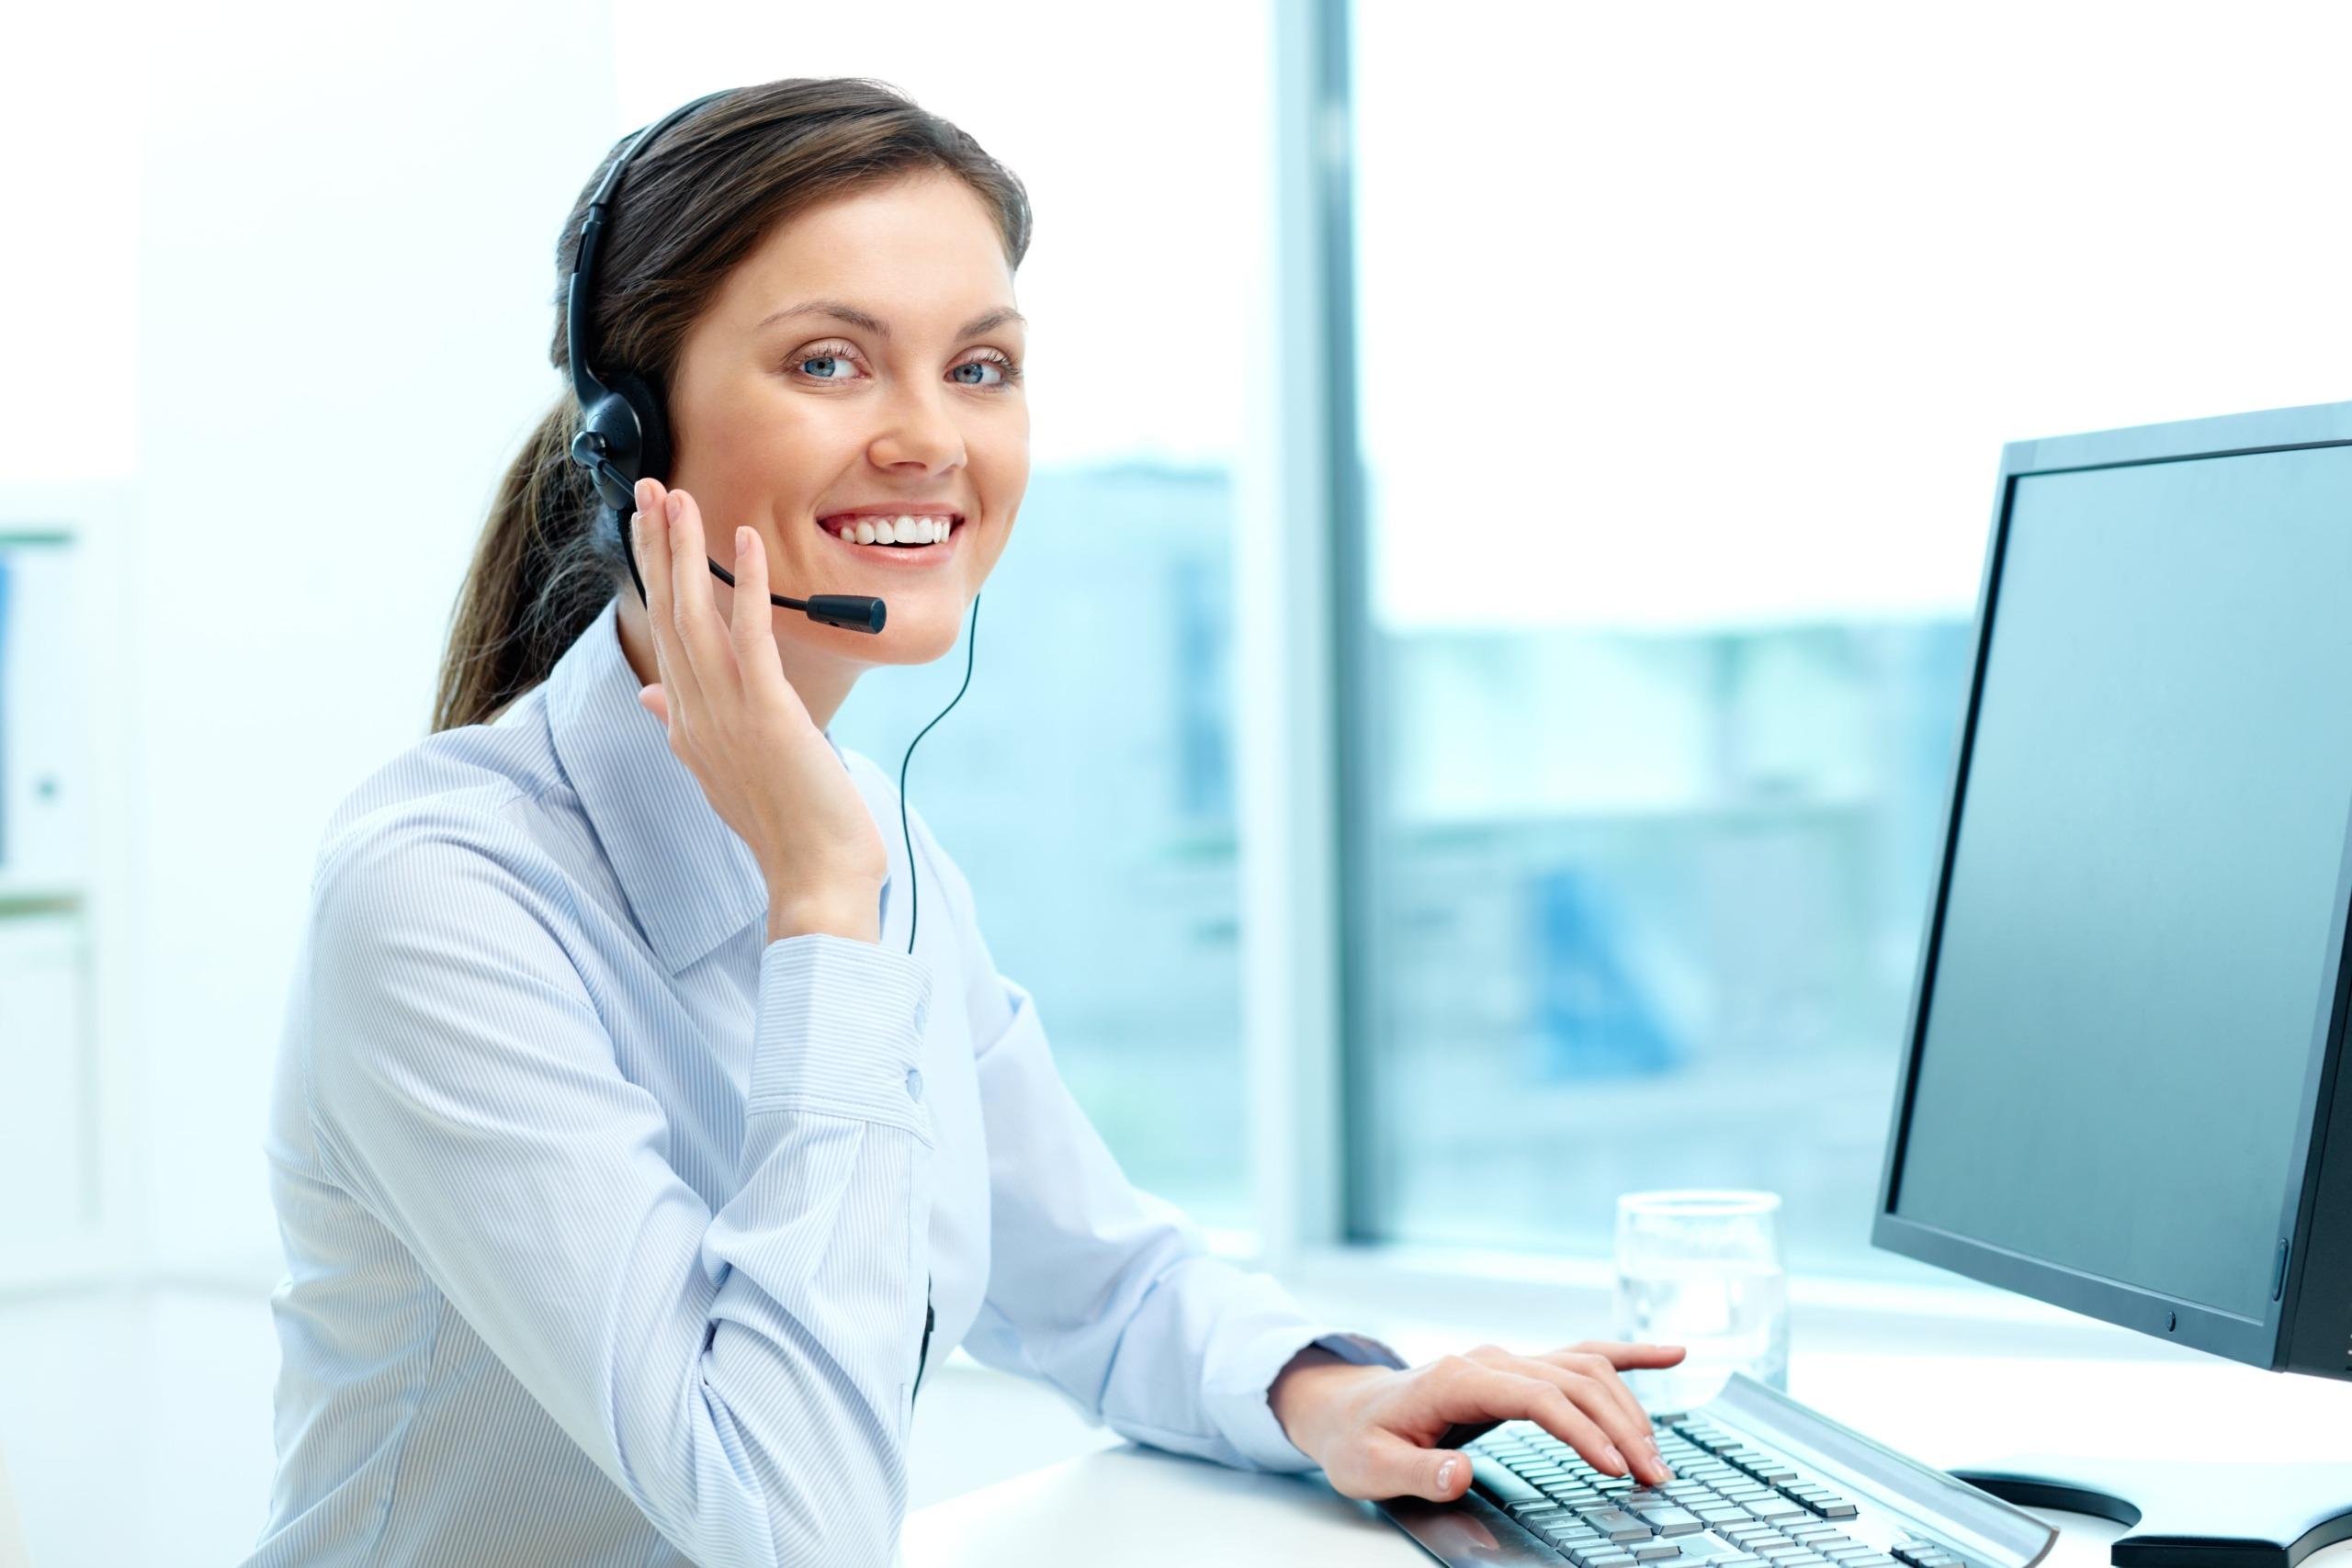 اصطلاحات کاربردی در مکالمات تلفنی تجاری انگلیسی